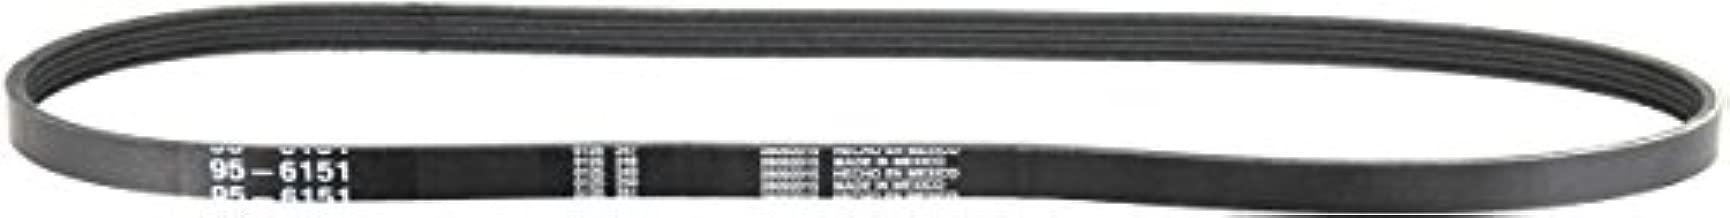 Toro 95-6151 Drive Belt